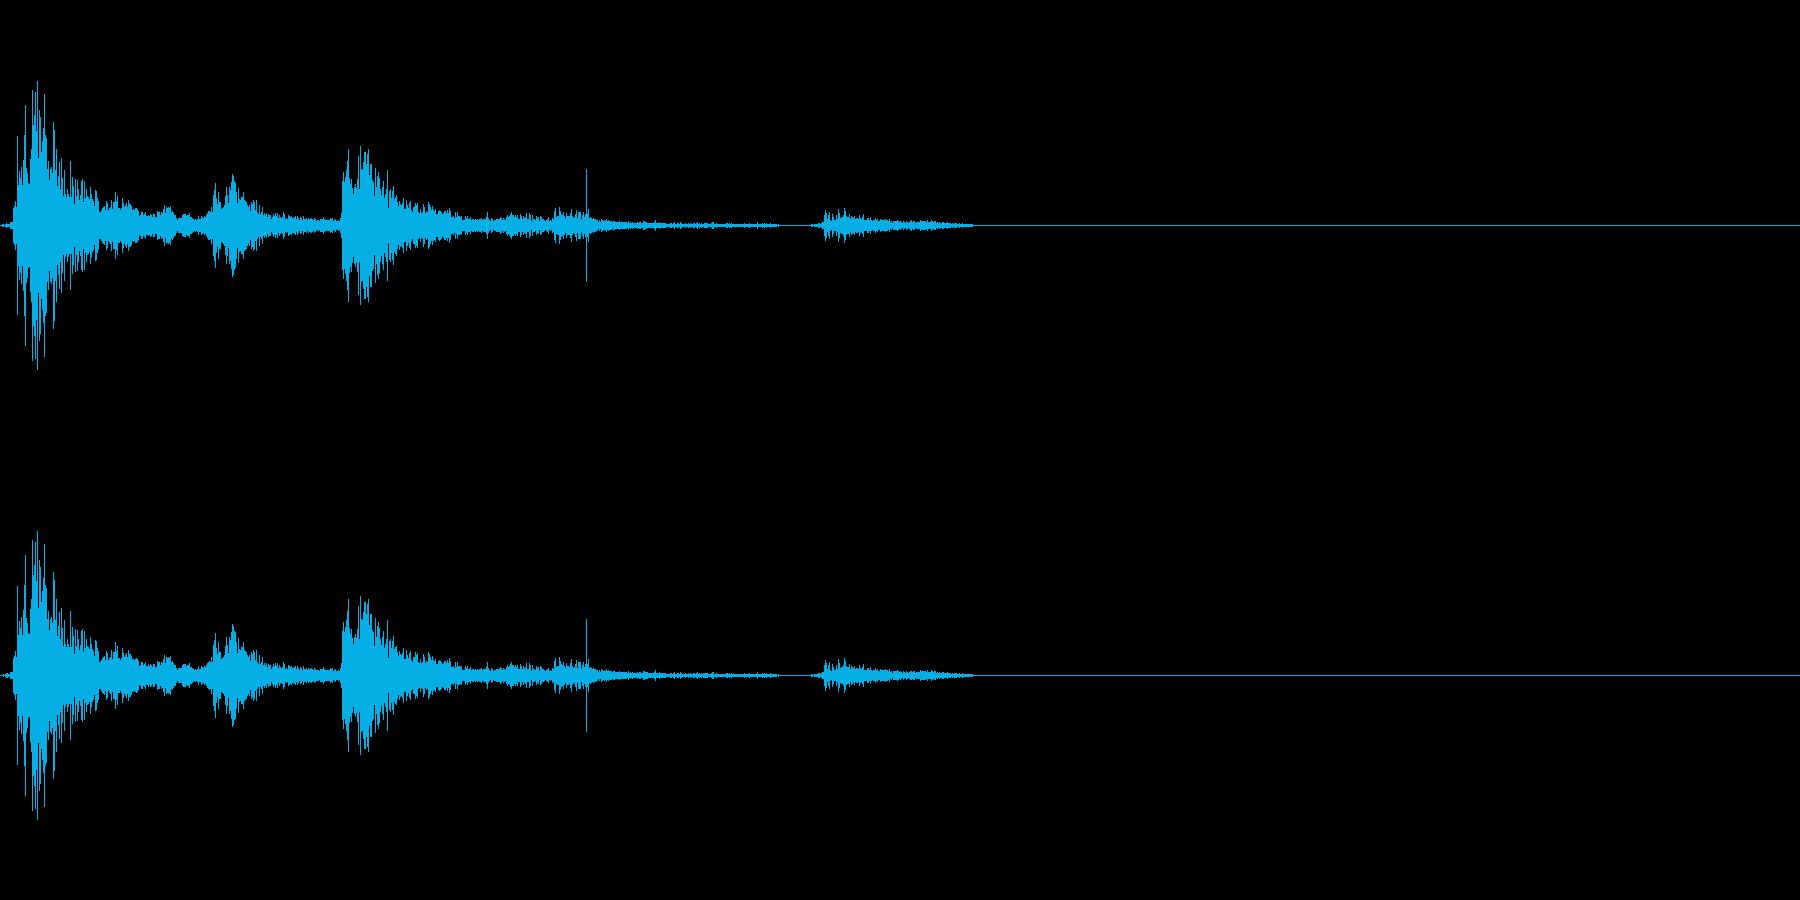 神社でお賽銭を入れる音の再生済みの波形